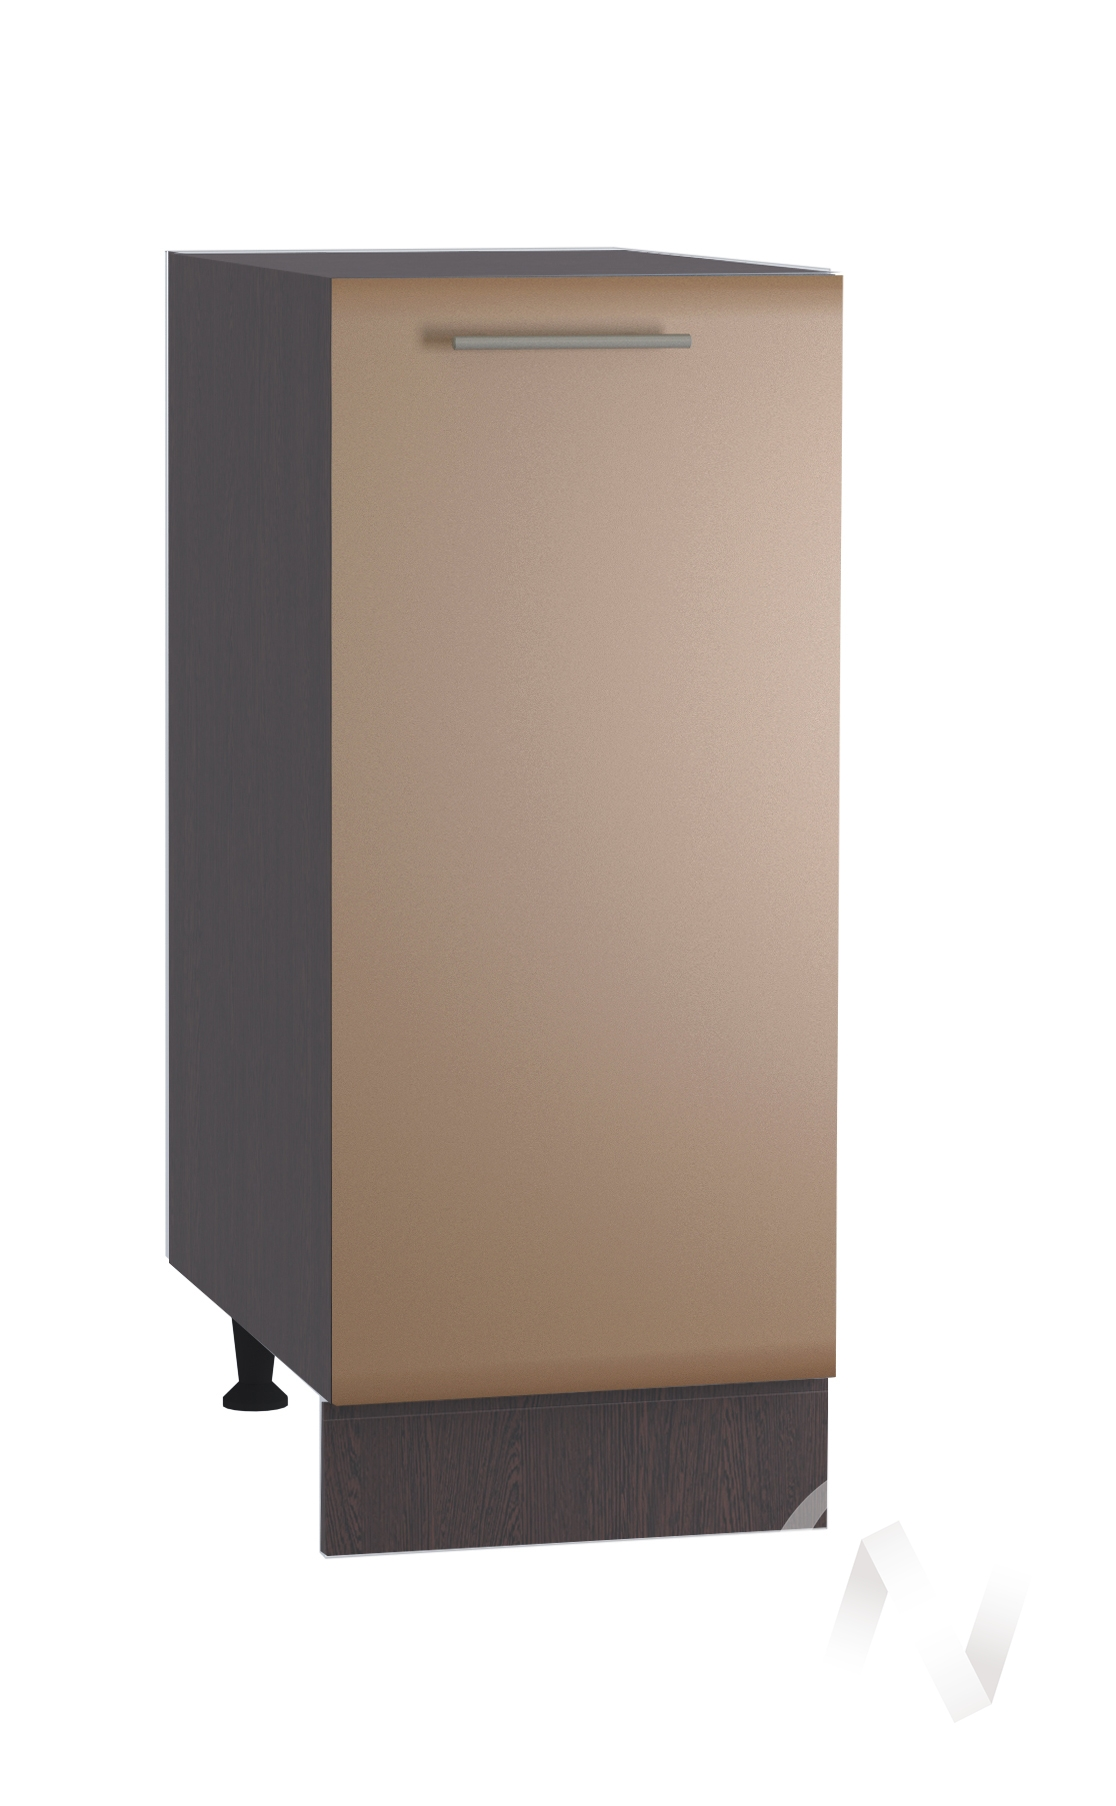 """Кухня """"Люкс"""": Шкаф нижний 300, ШН 300 (Шоколад матовый/корпус венге)"""